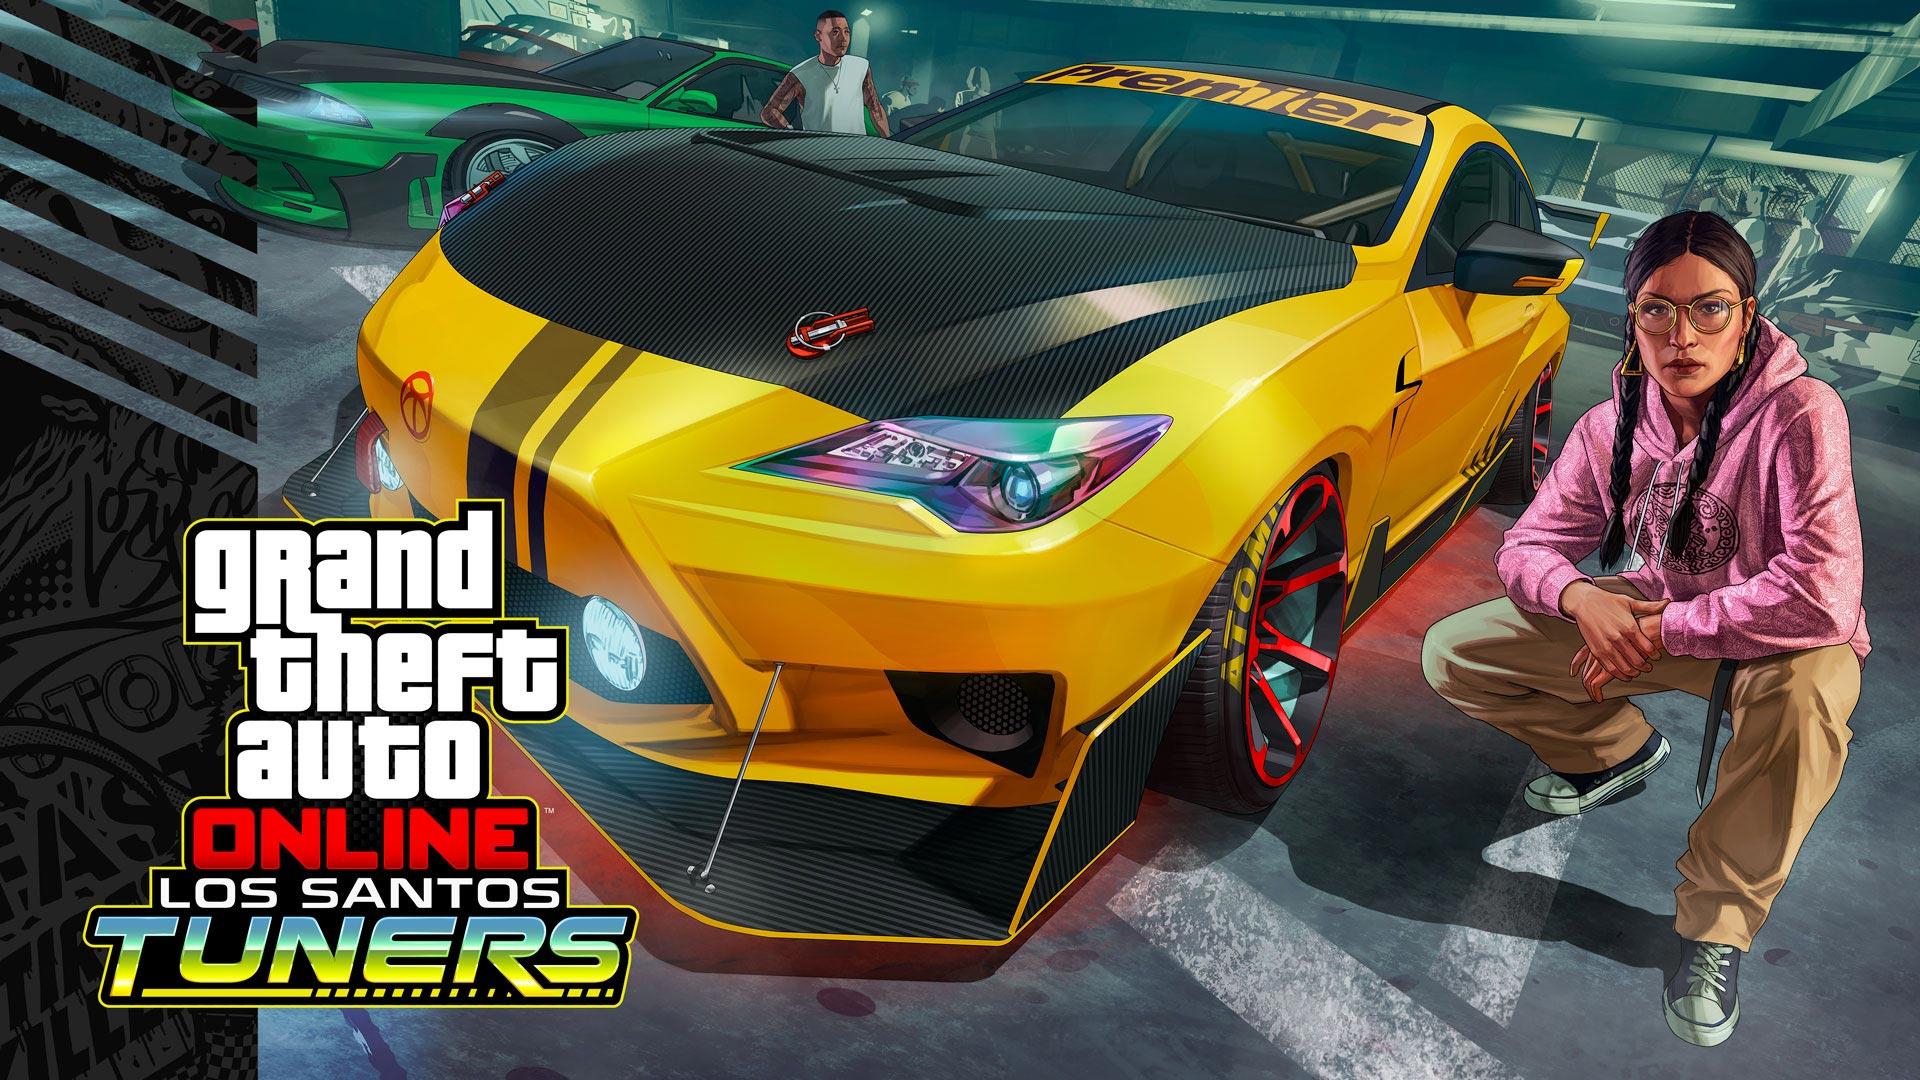 Los Santos Tuners en GTA Online